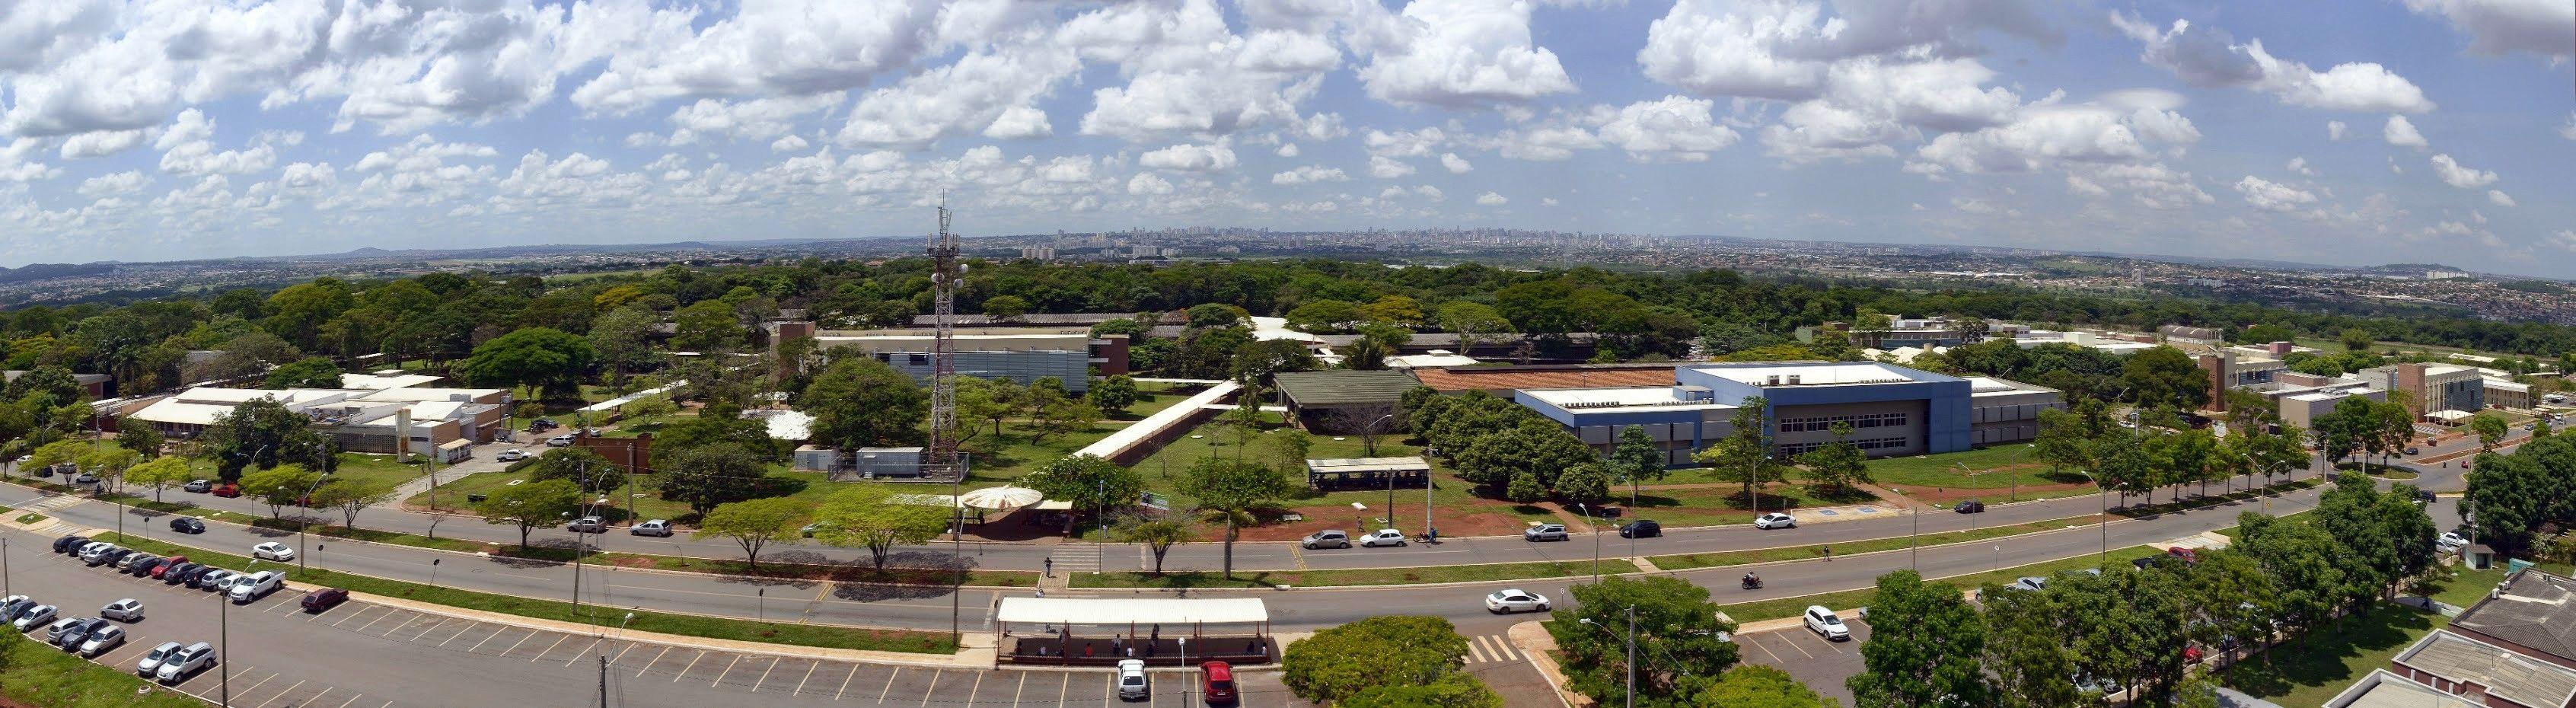 Campus panoramica